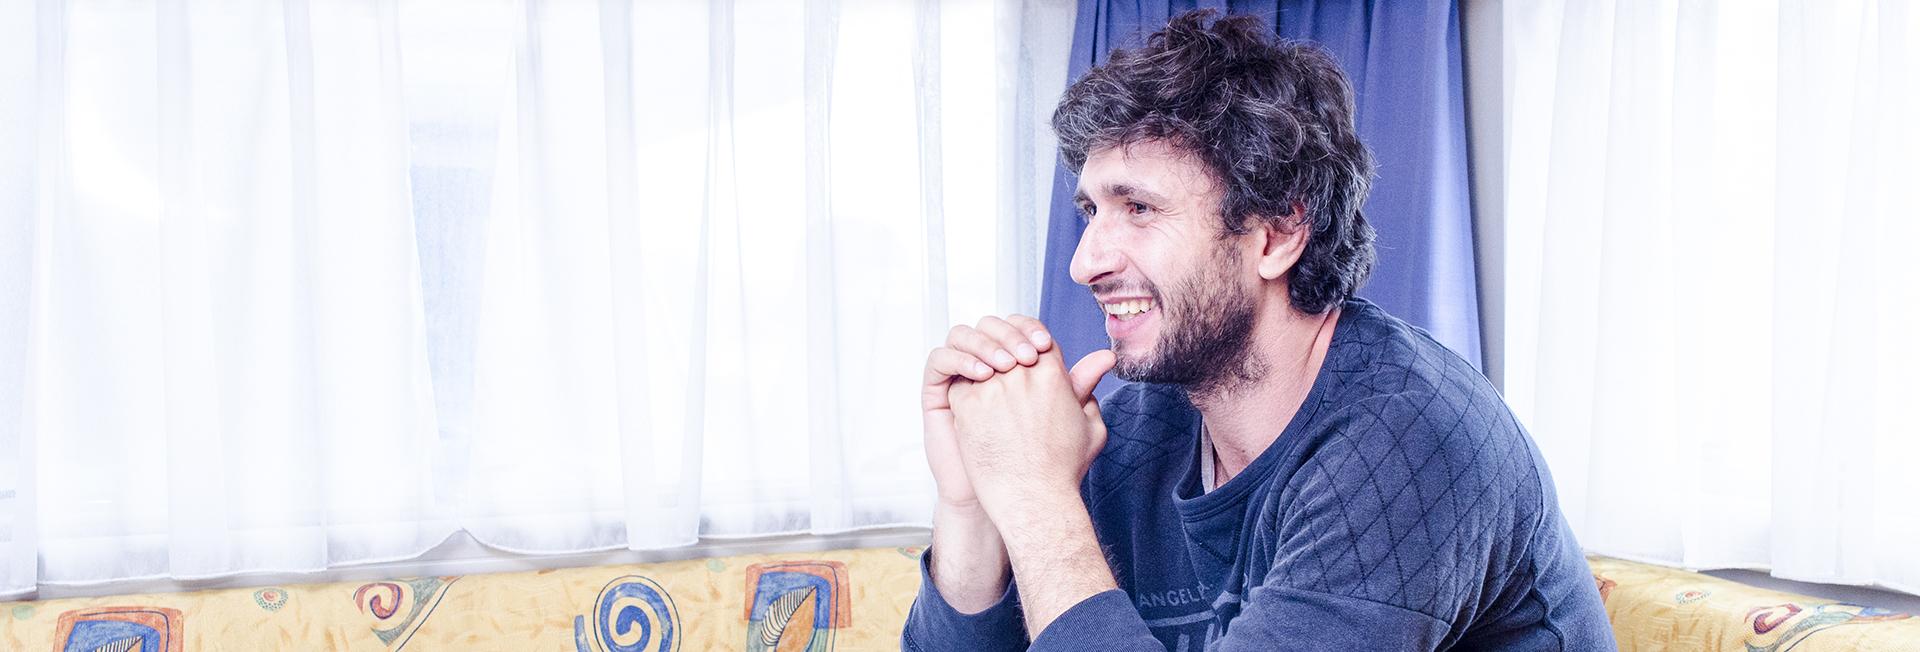 Dragos Bucur interviu Matricea Romaneasca slider